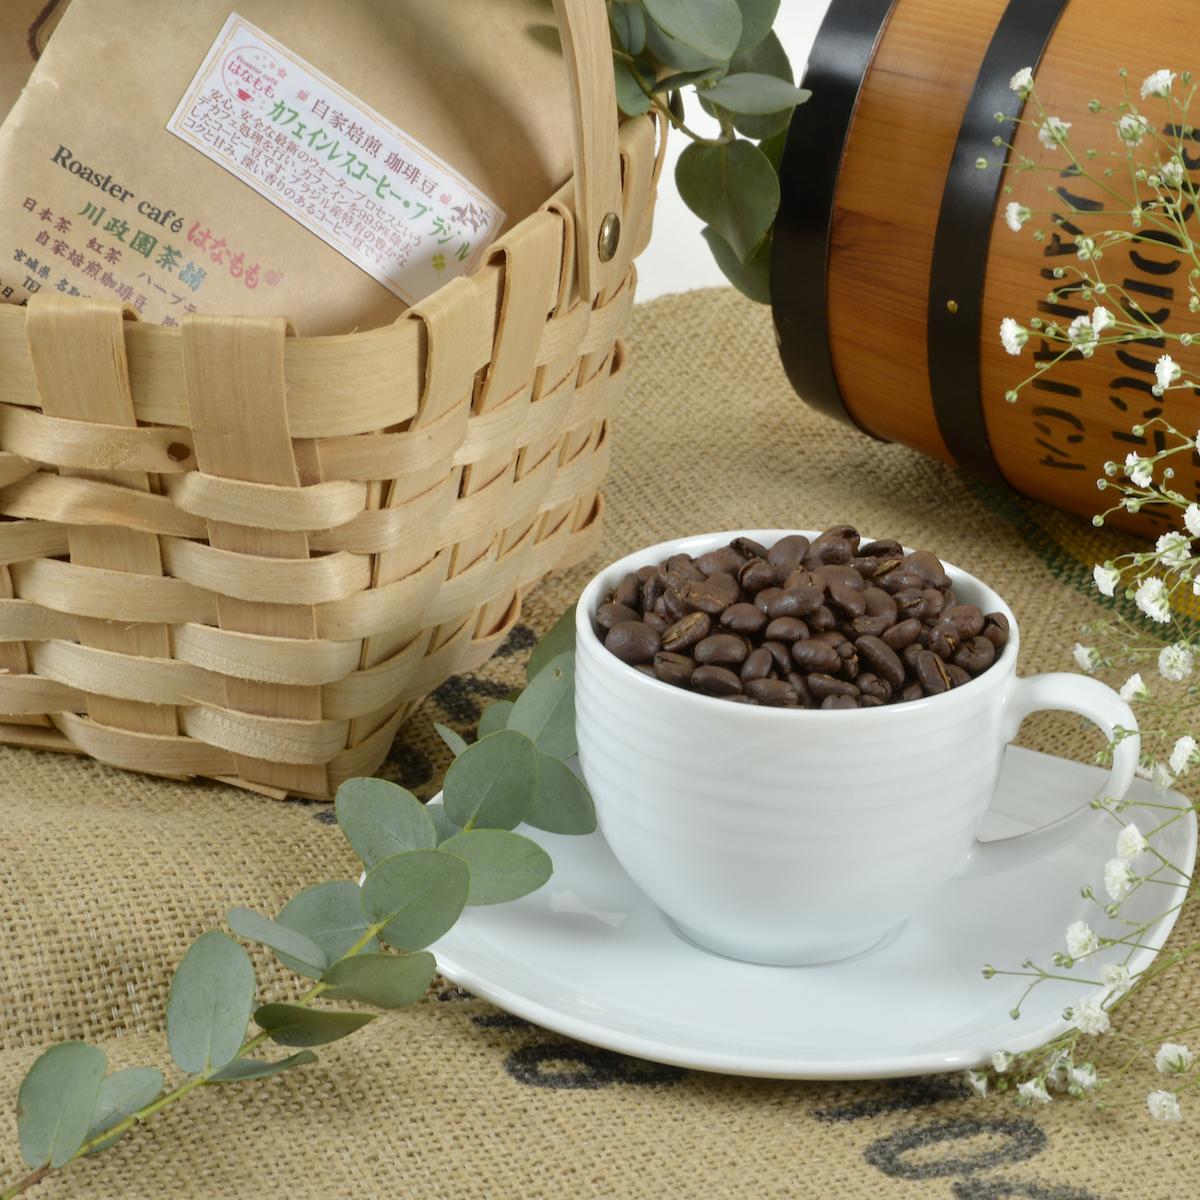 【ふるさと納税】こだわりの自家焙煎コーヒー4種飲み比べ【豆】セット